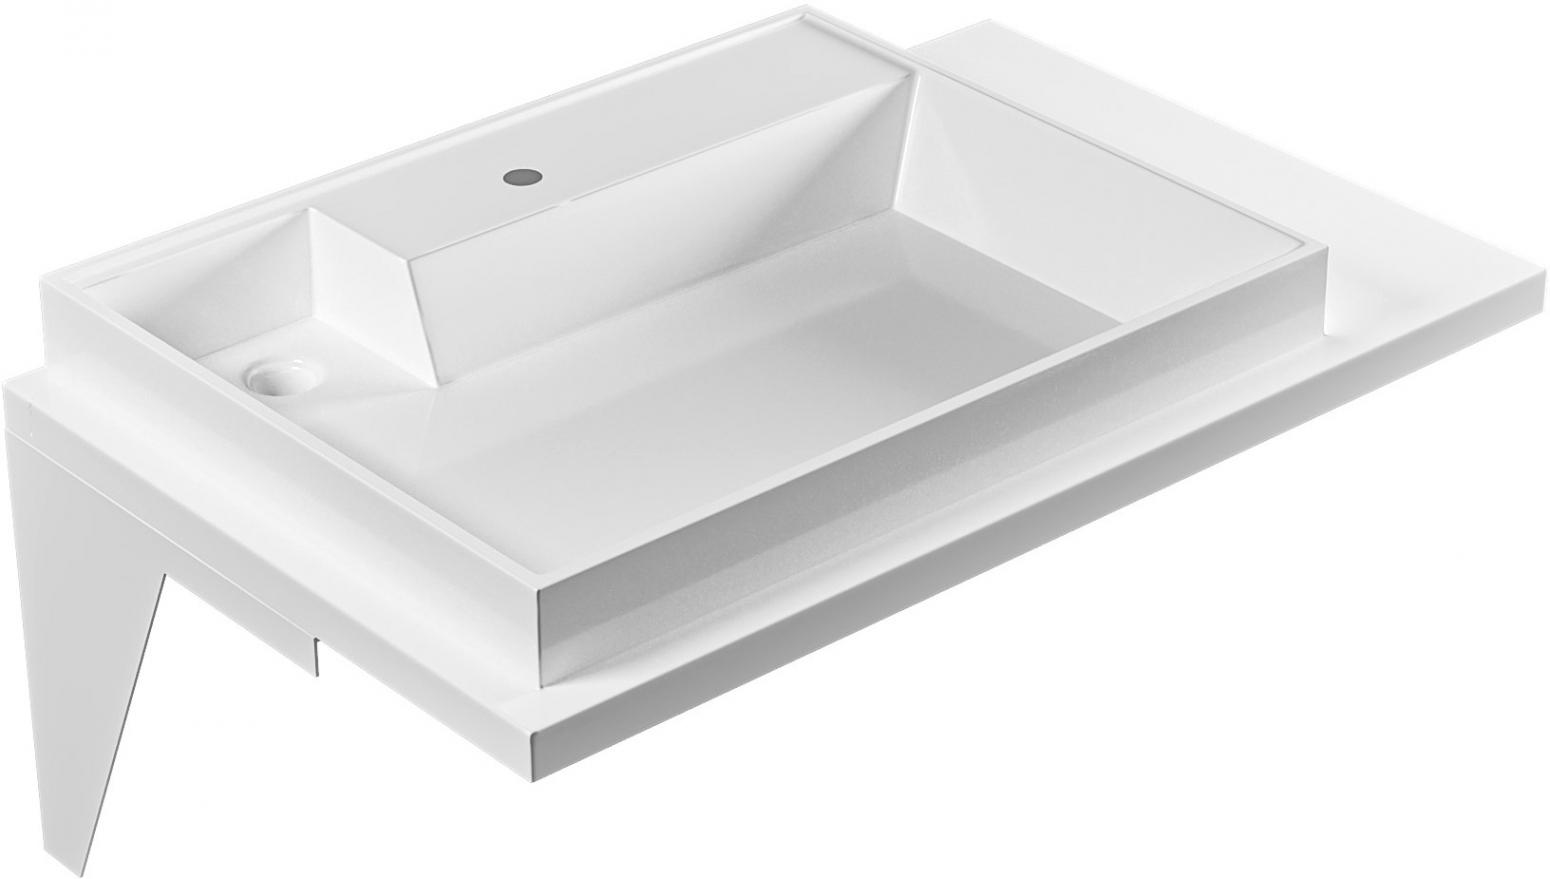 Раковина СанТа Юпитер 80 L прямоугольная, цвет белый купить онлайн с доставкой в интернет-магазине SantPrice.ru